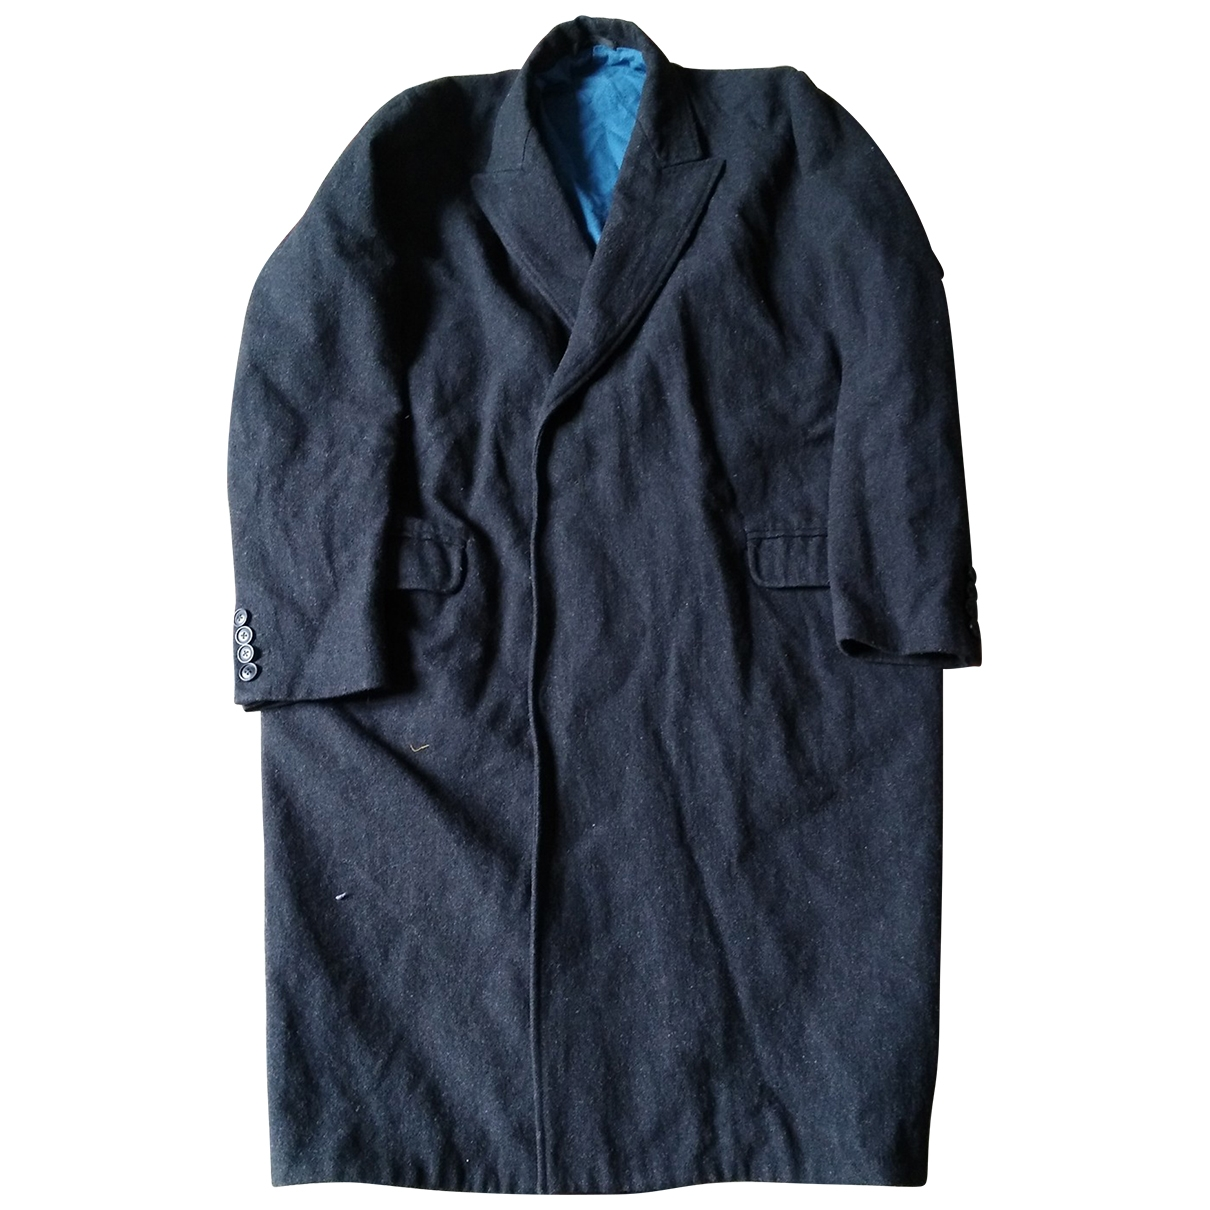 John Rocha \N Anthracite Wool coat  for Men 38 UK - US